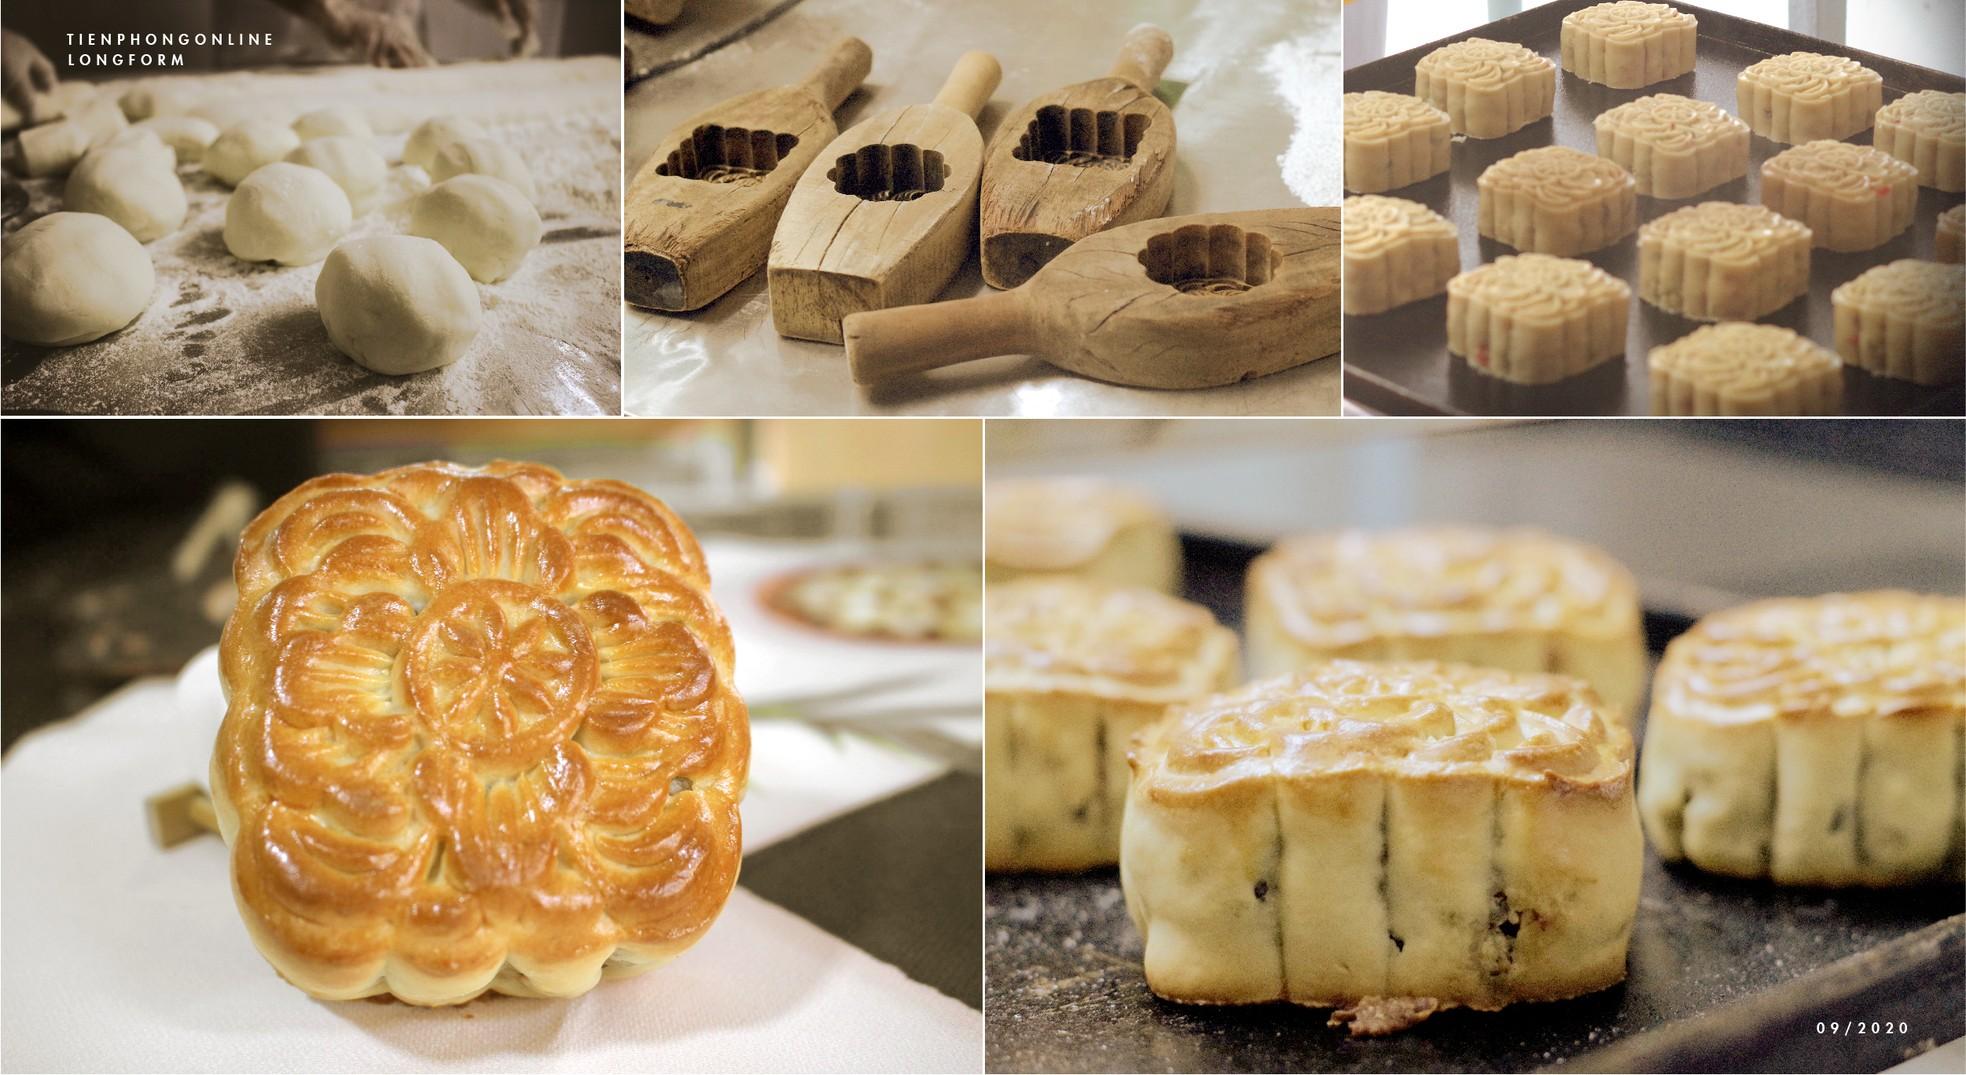 Đi tìm hương vị của bánh trung thu cổ truyền tại làng nghề hơn 100 năm tuổi ảnh 6